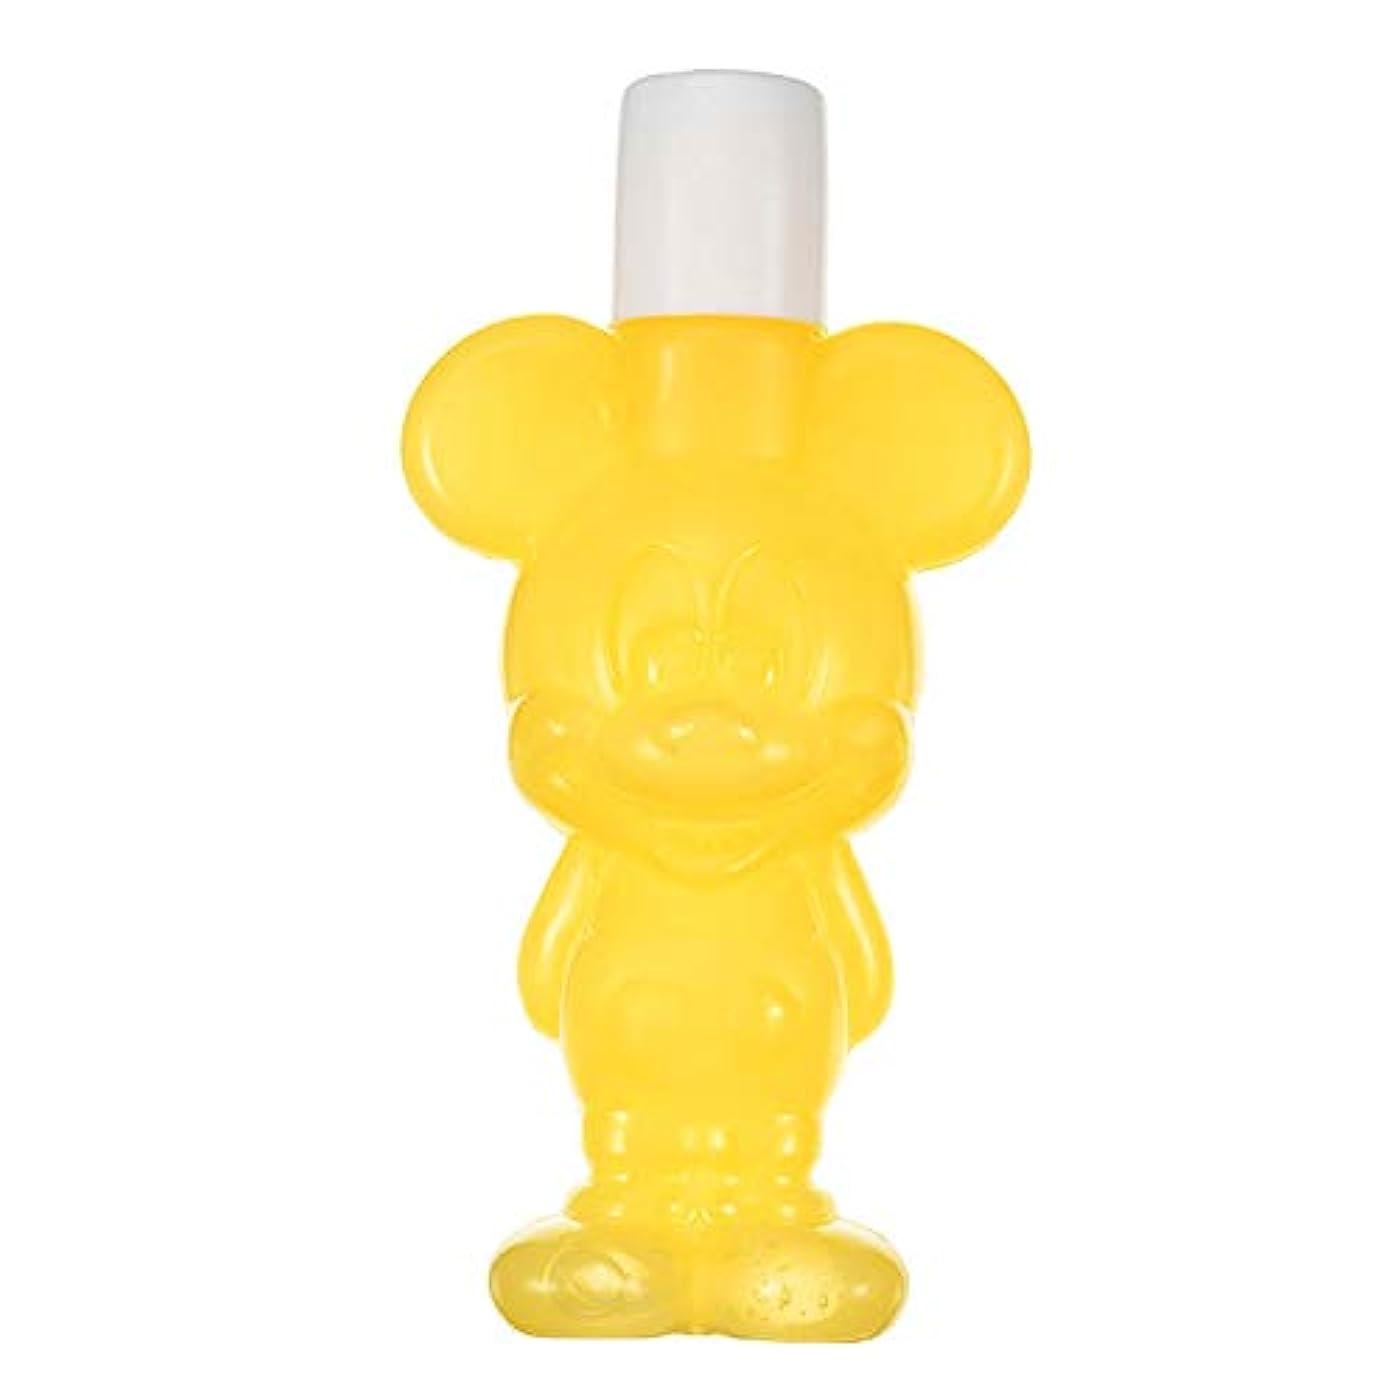 知り合い礼拝びっくりディズニーストア(公式)保湿ジェル ミッキー イエロー Gummy Candy Cosme